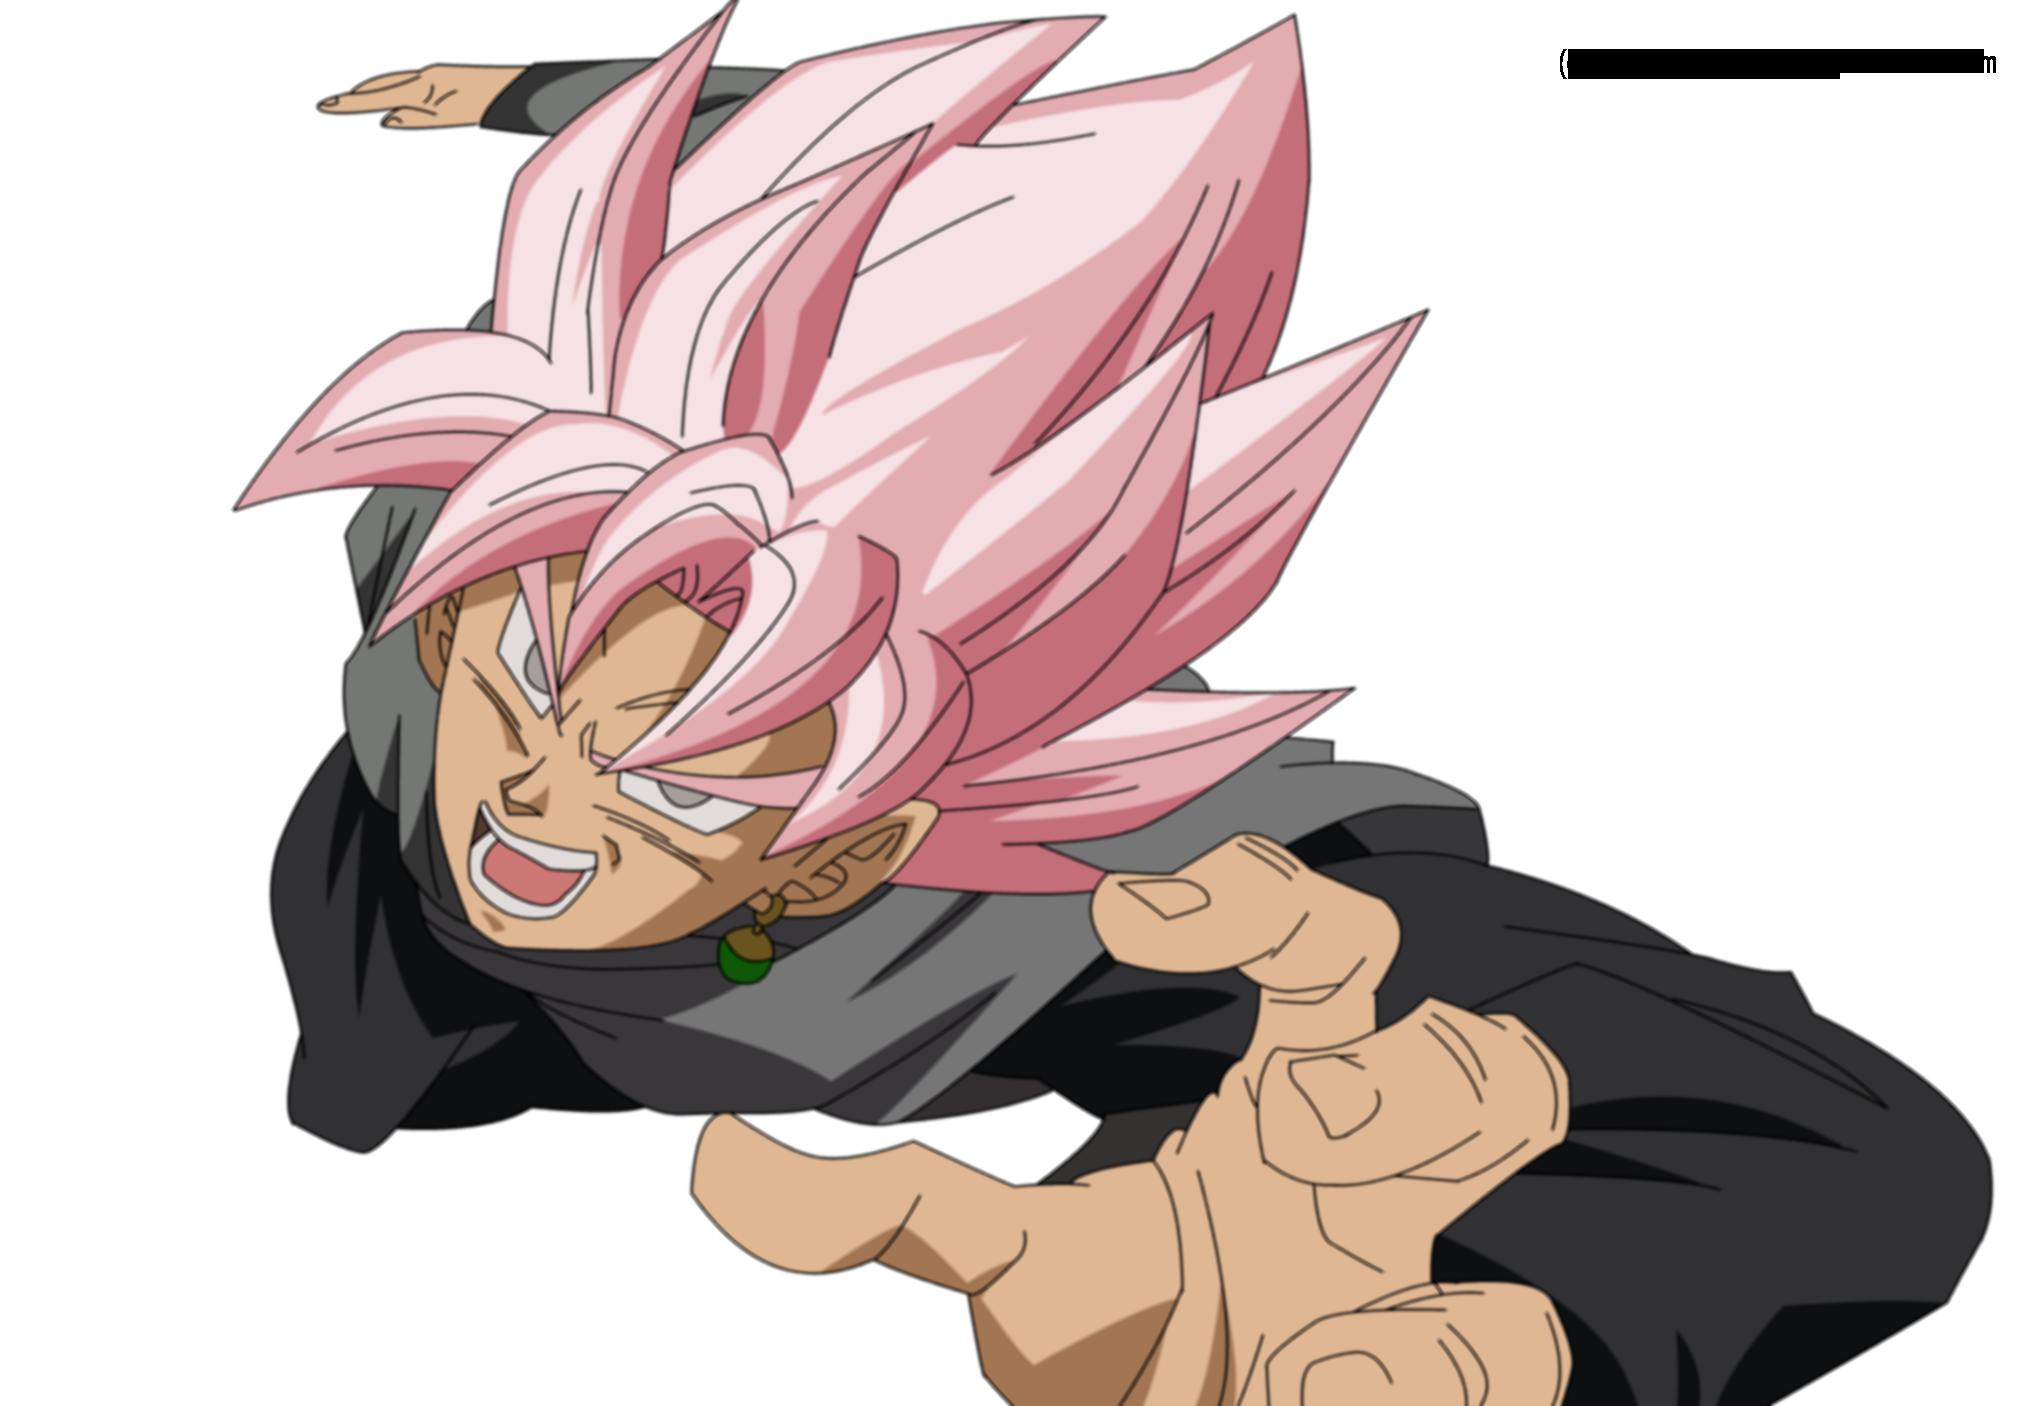 Black Goku Ss Rose By Sarah927Artworks On DeviantArt